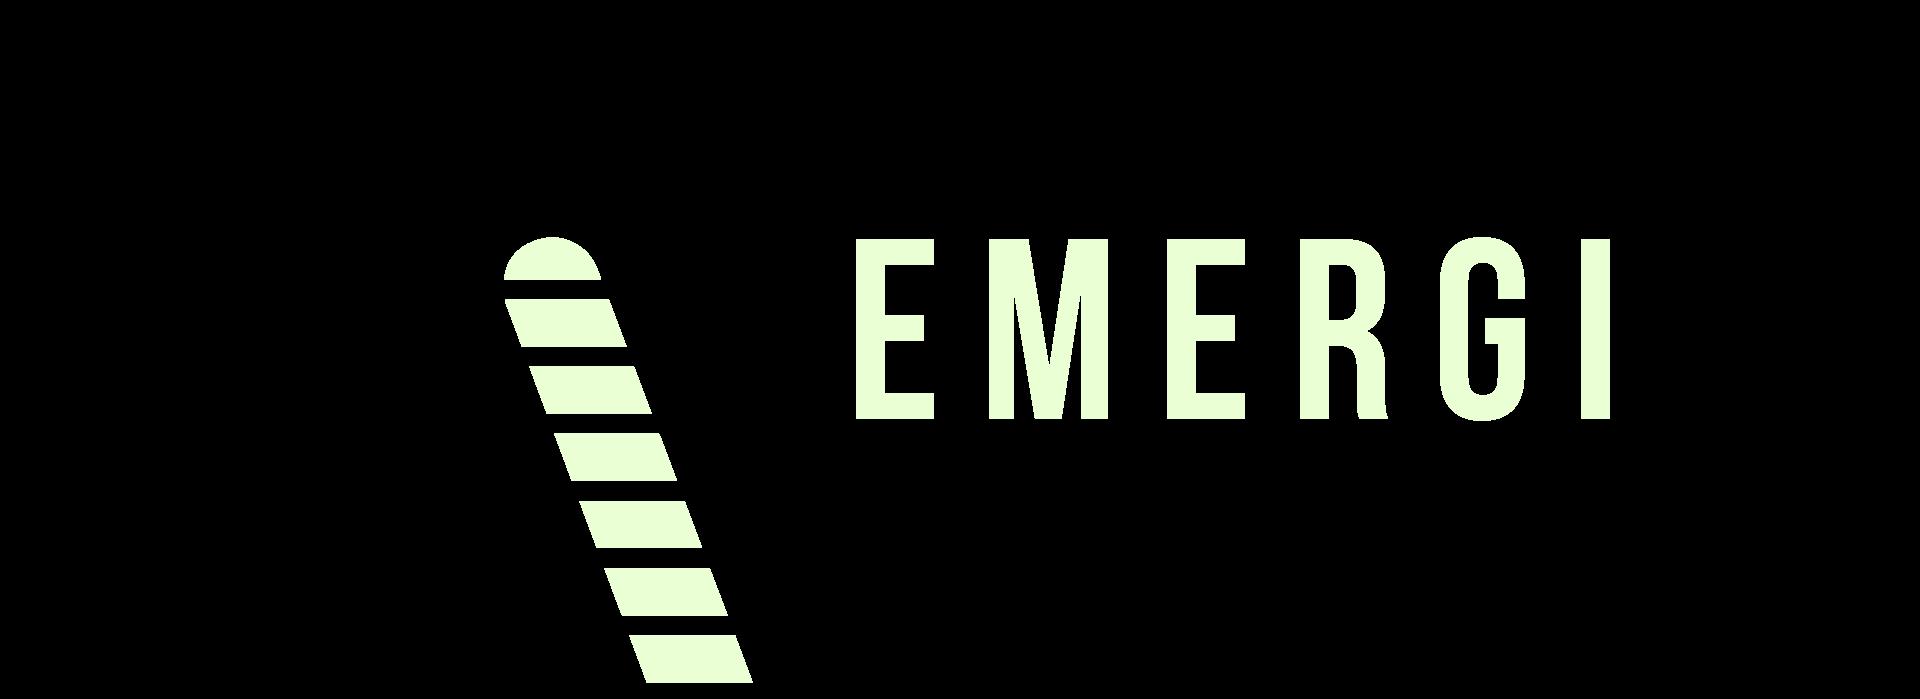 EMERGI-WITRDE-COMMUNICATION